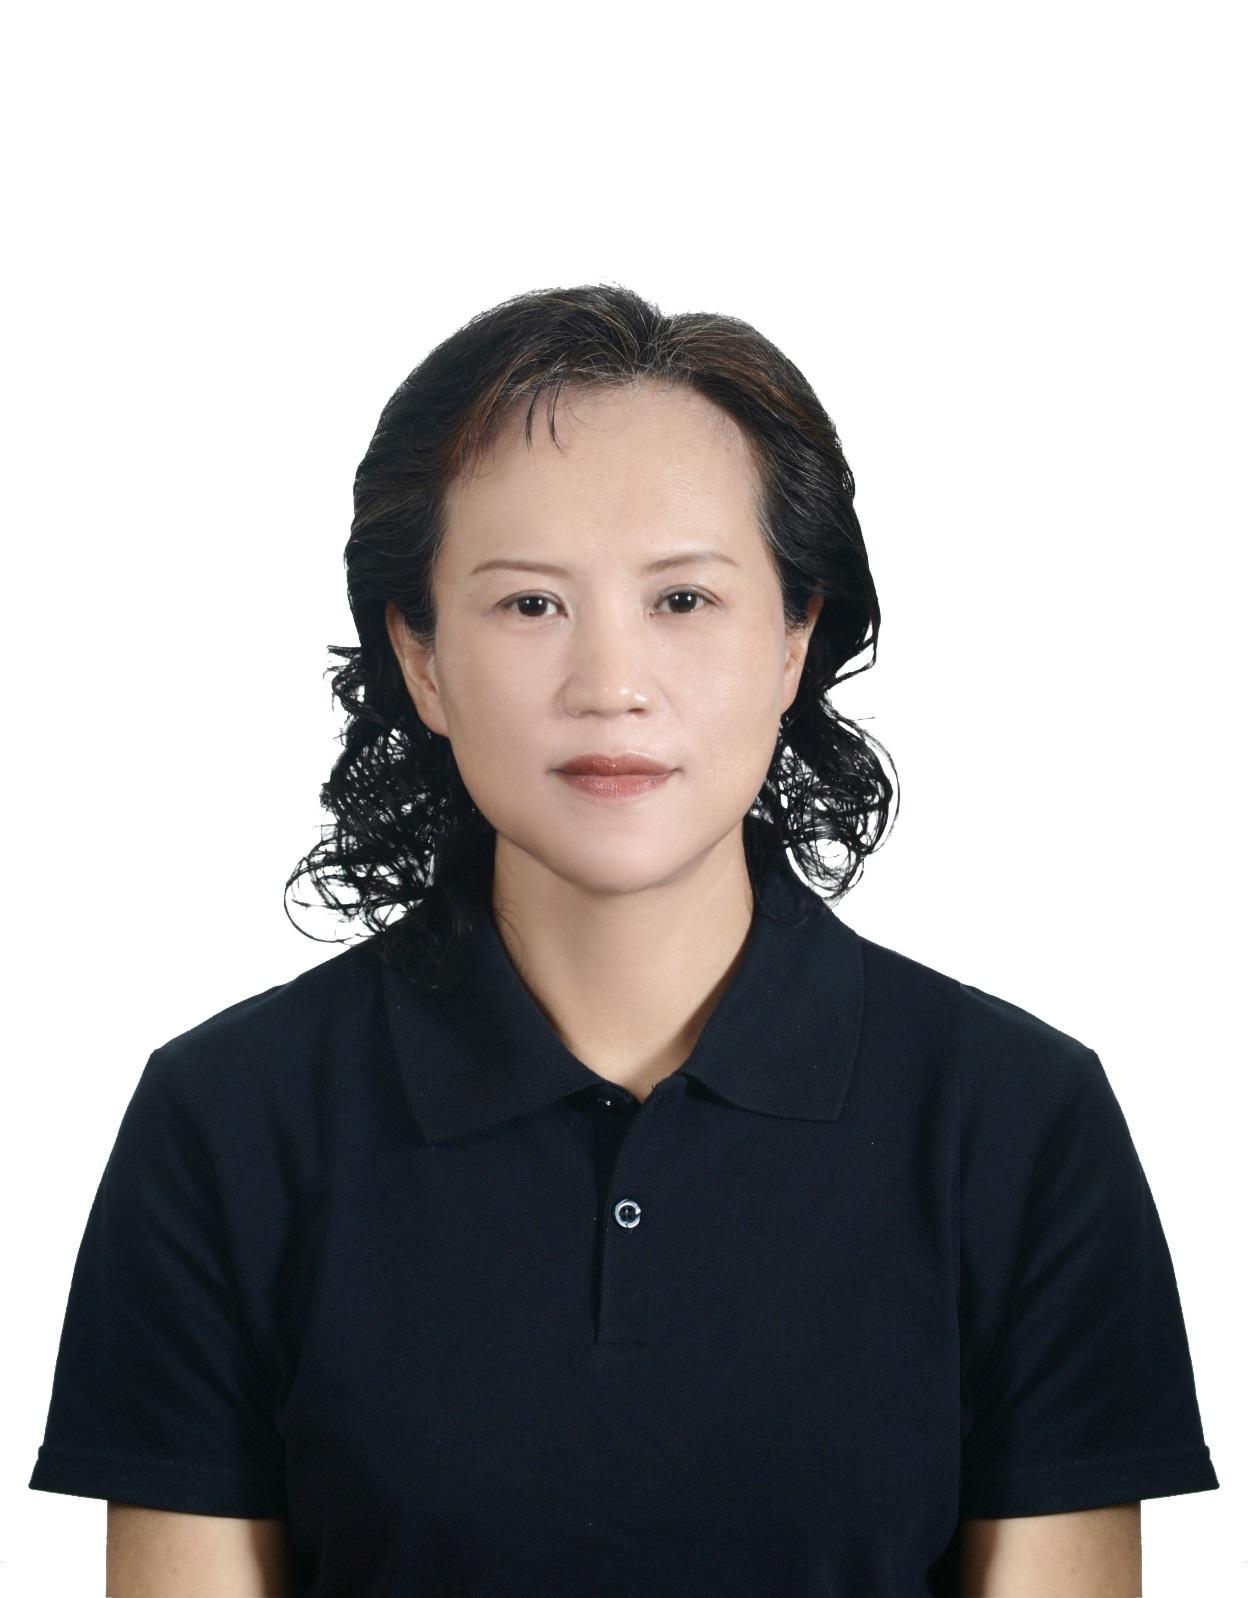 賴缇瑩 0972993080